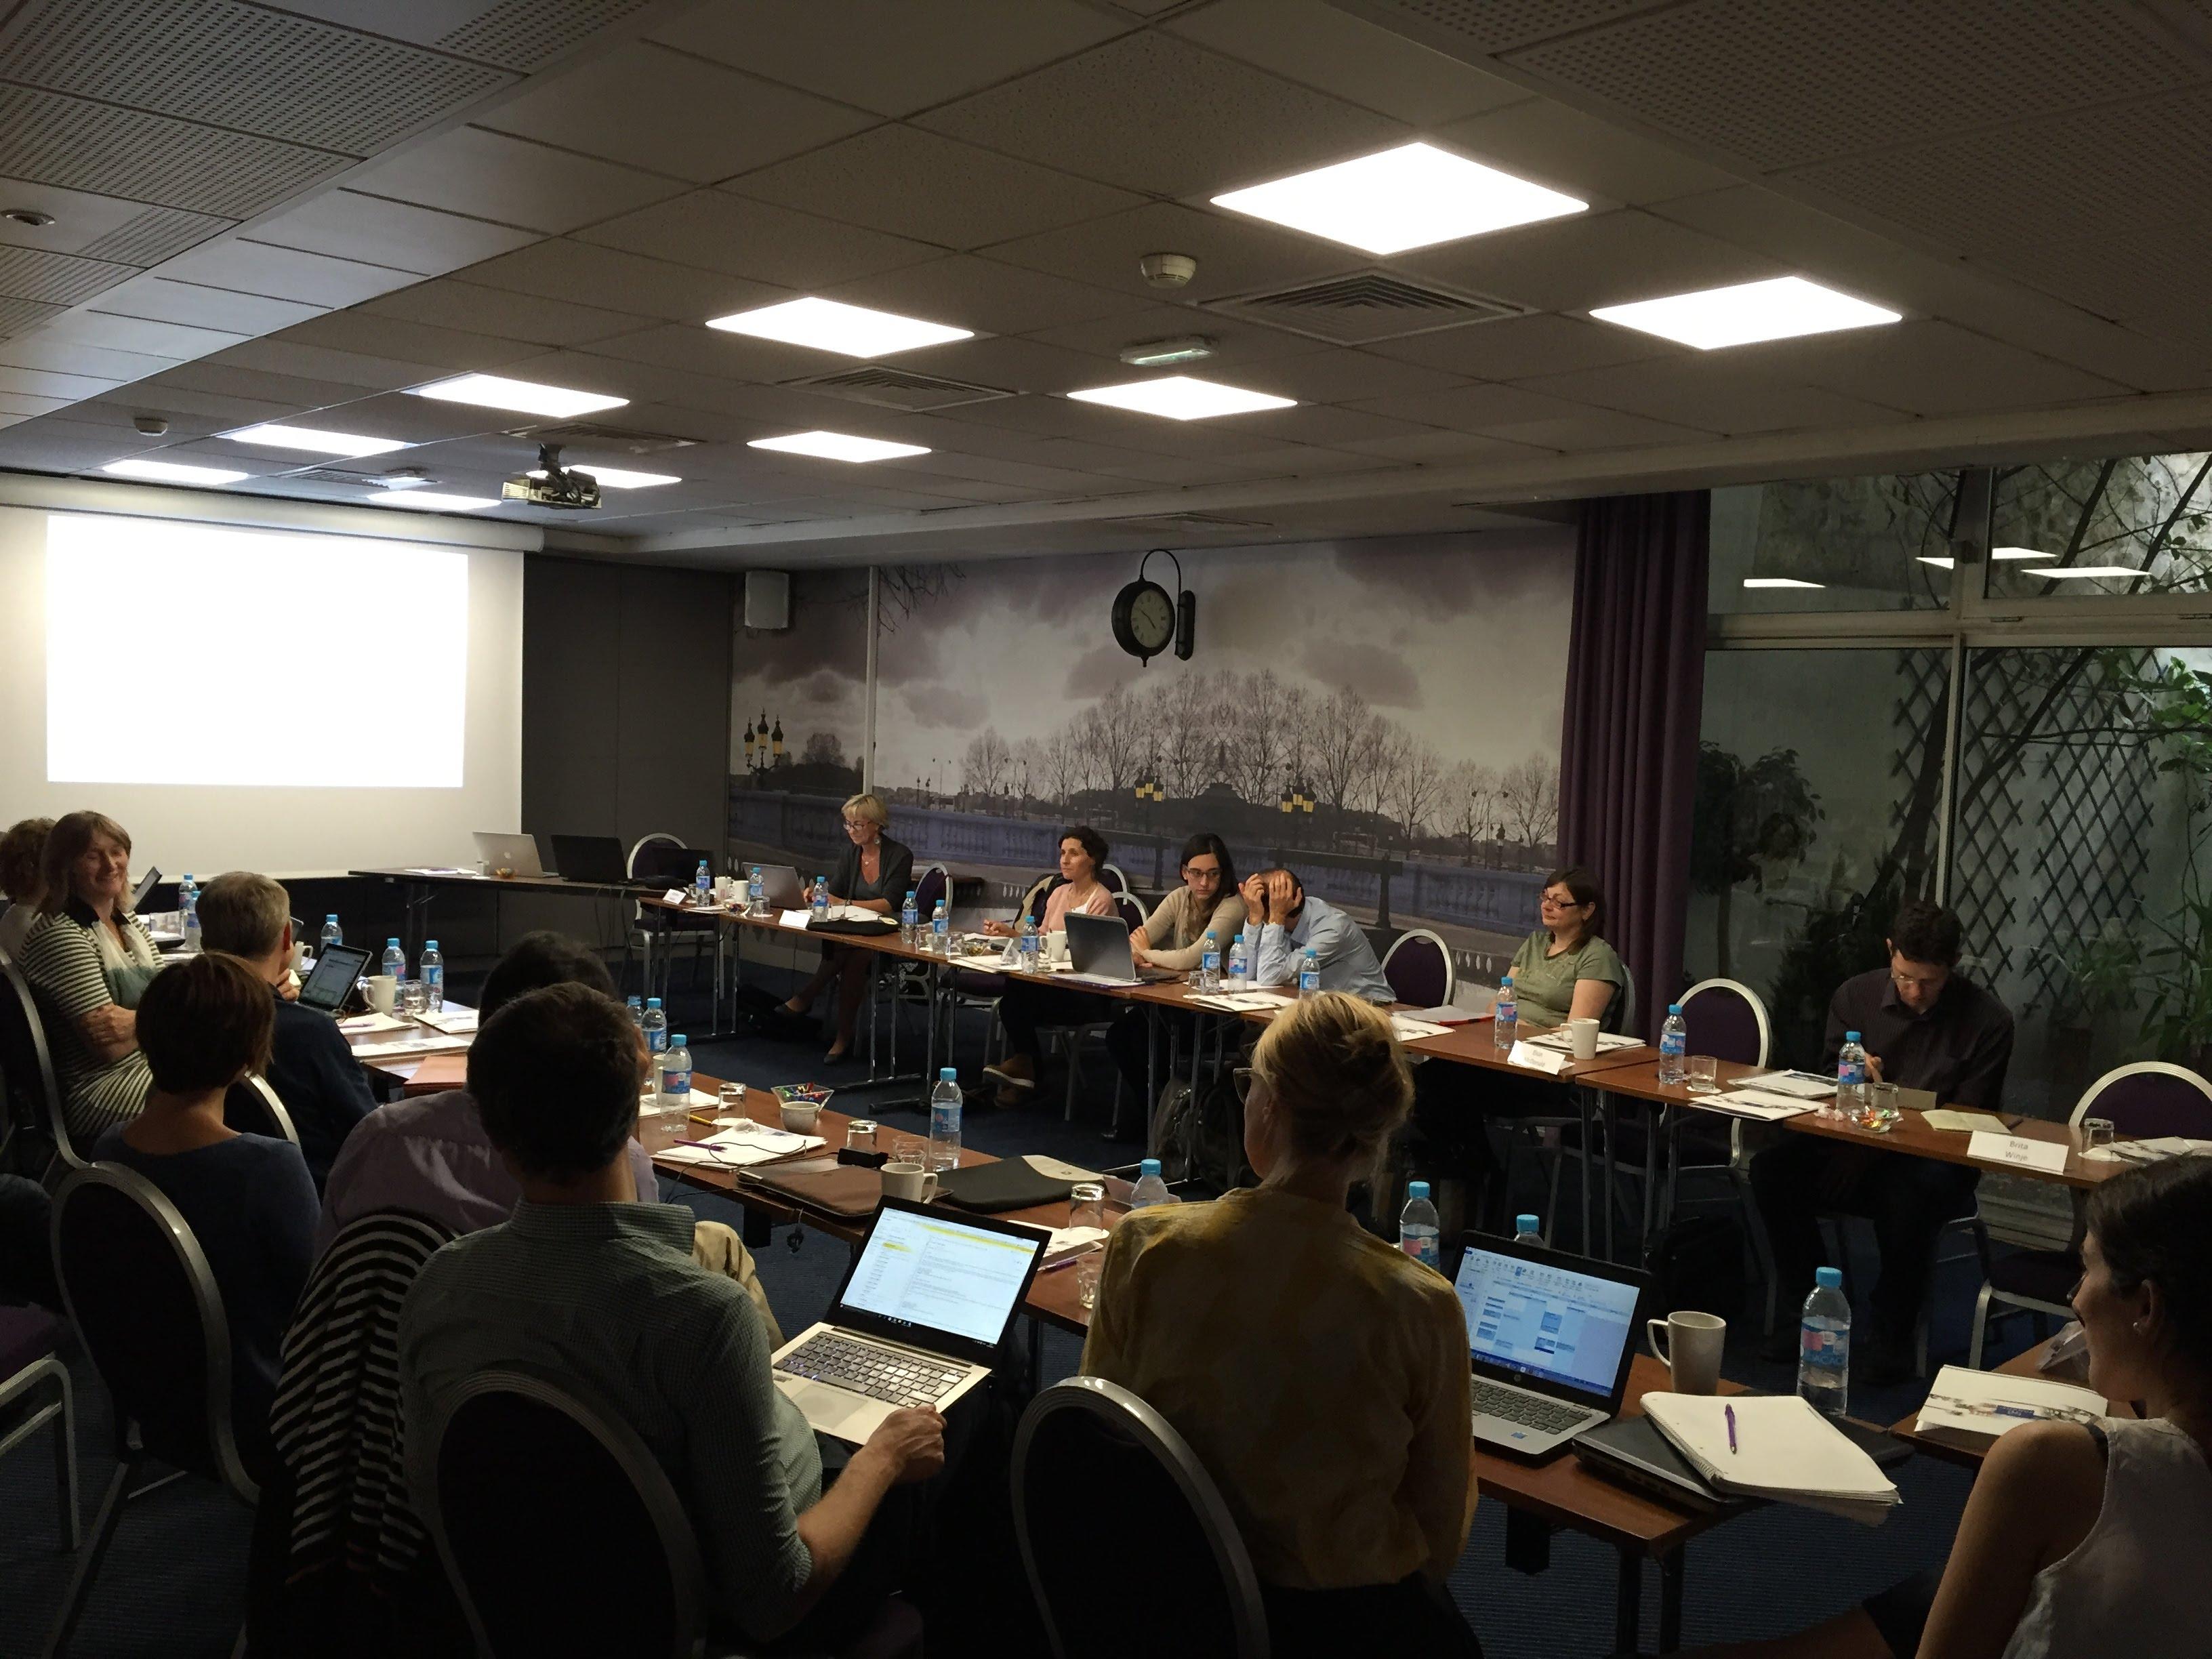 https://sites.google.com/a/epiconcept.fr/imoveplus/wp1/technical-meetings-september-2016/Sept%202016%20WP3.jpg